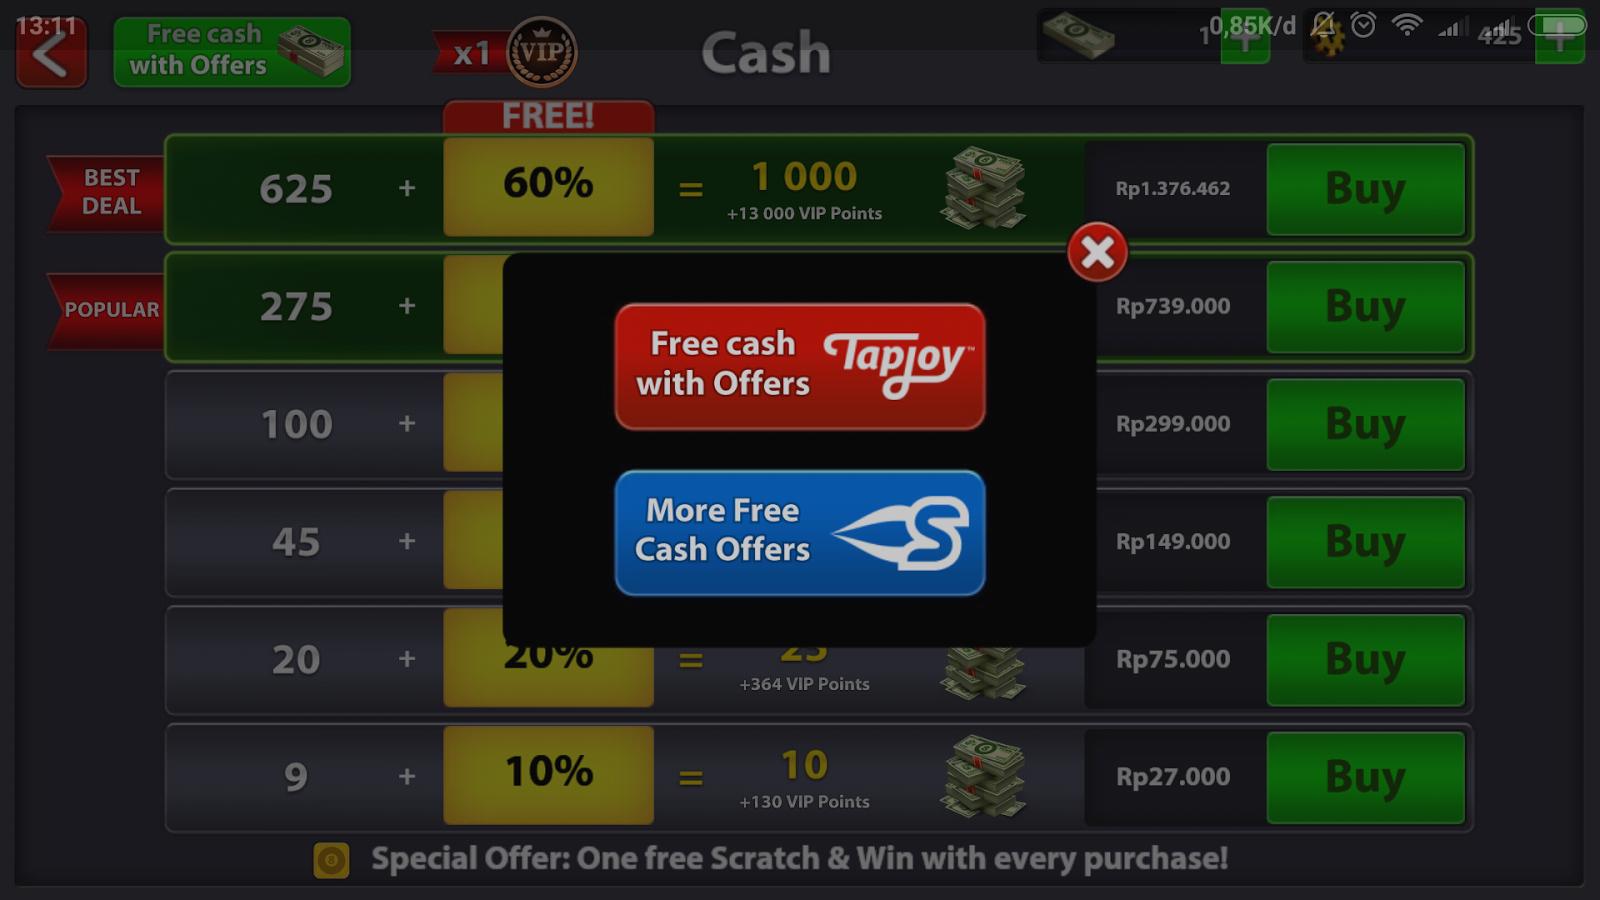 Cara Mendapatkan Banyak Cash dan Coins 8 Ball Pool Gratis ...